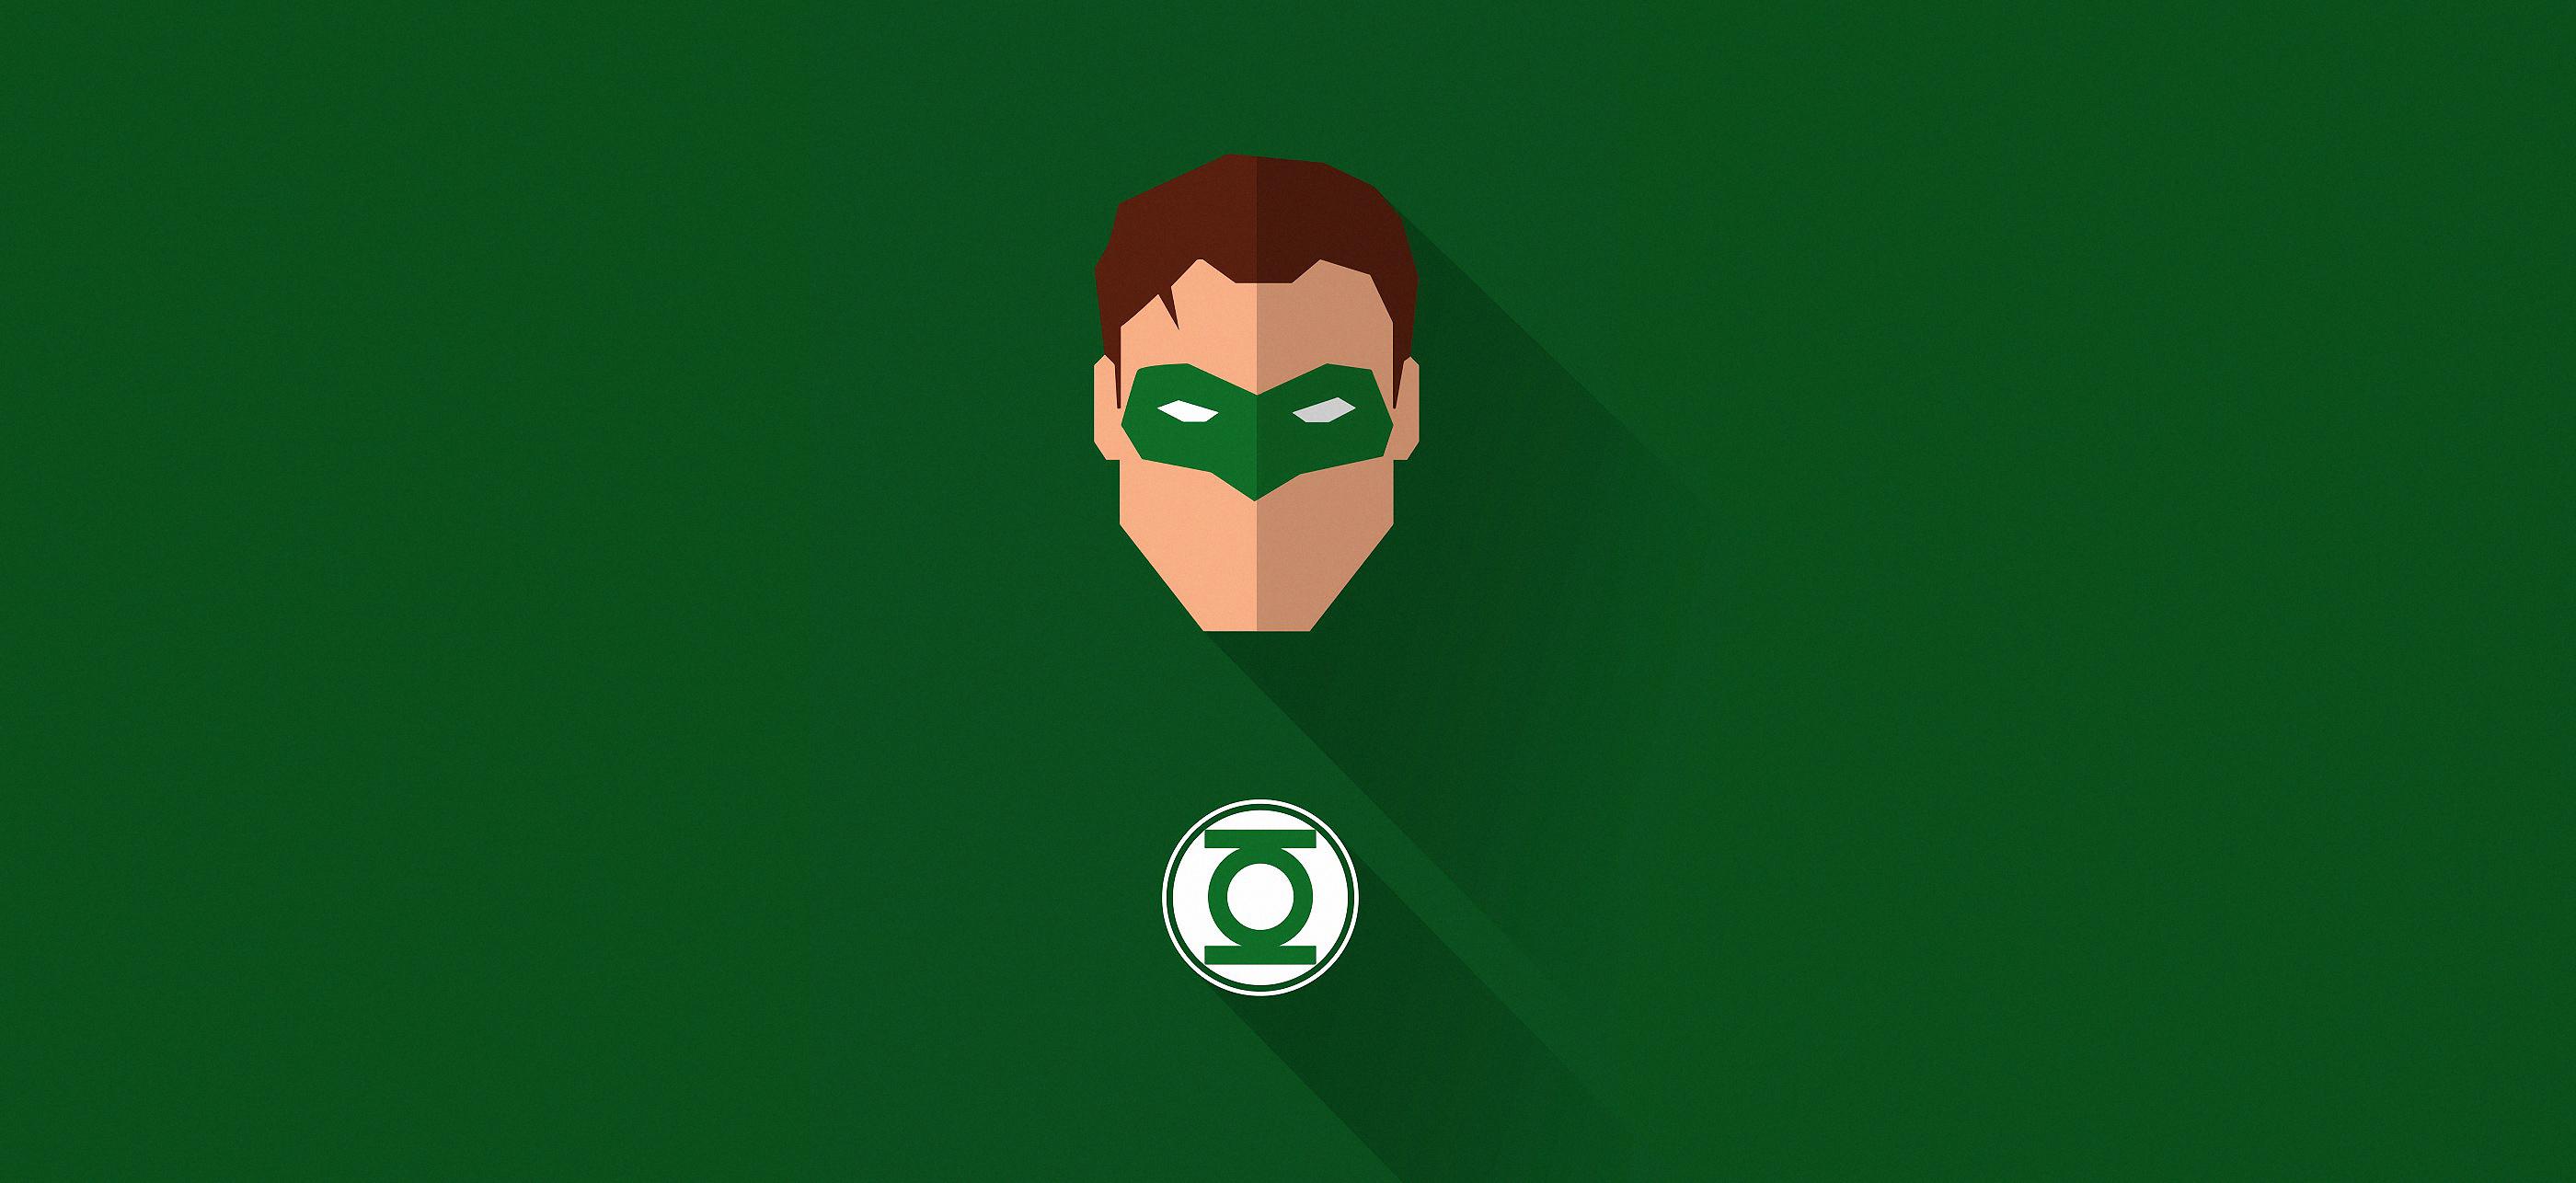 Minimalist Green Lantern Wallpaper